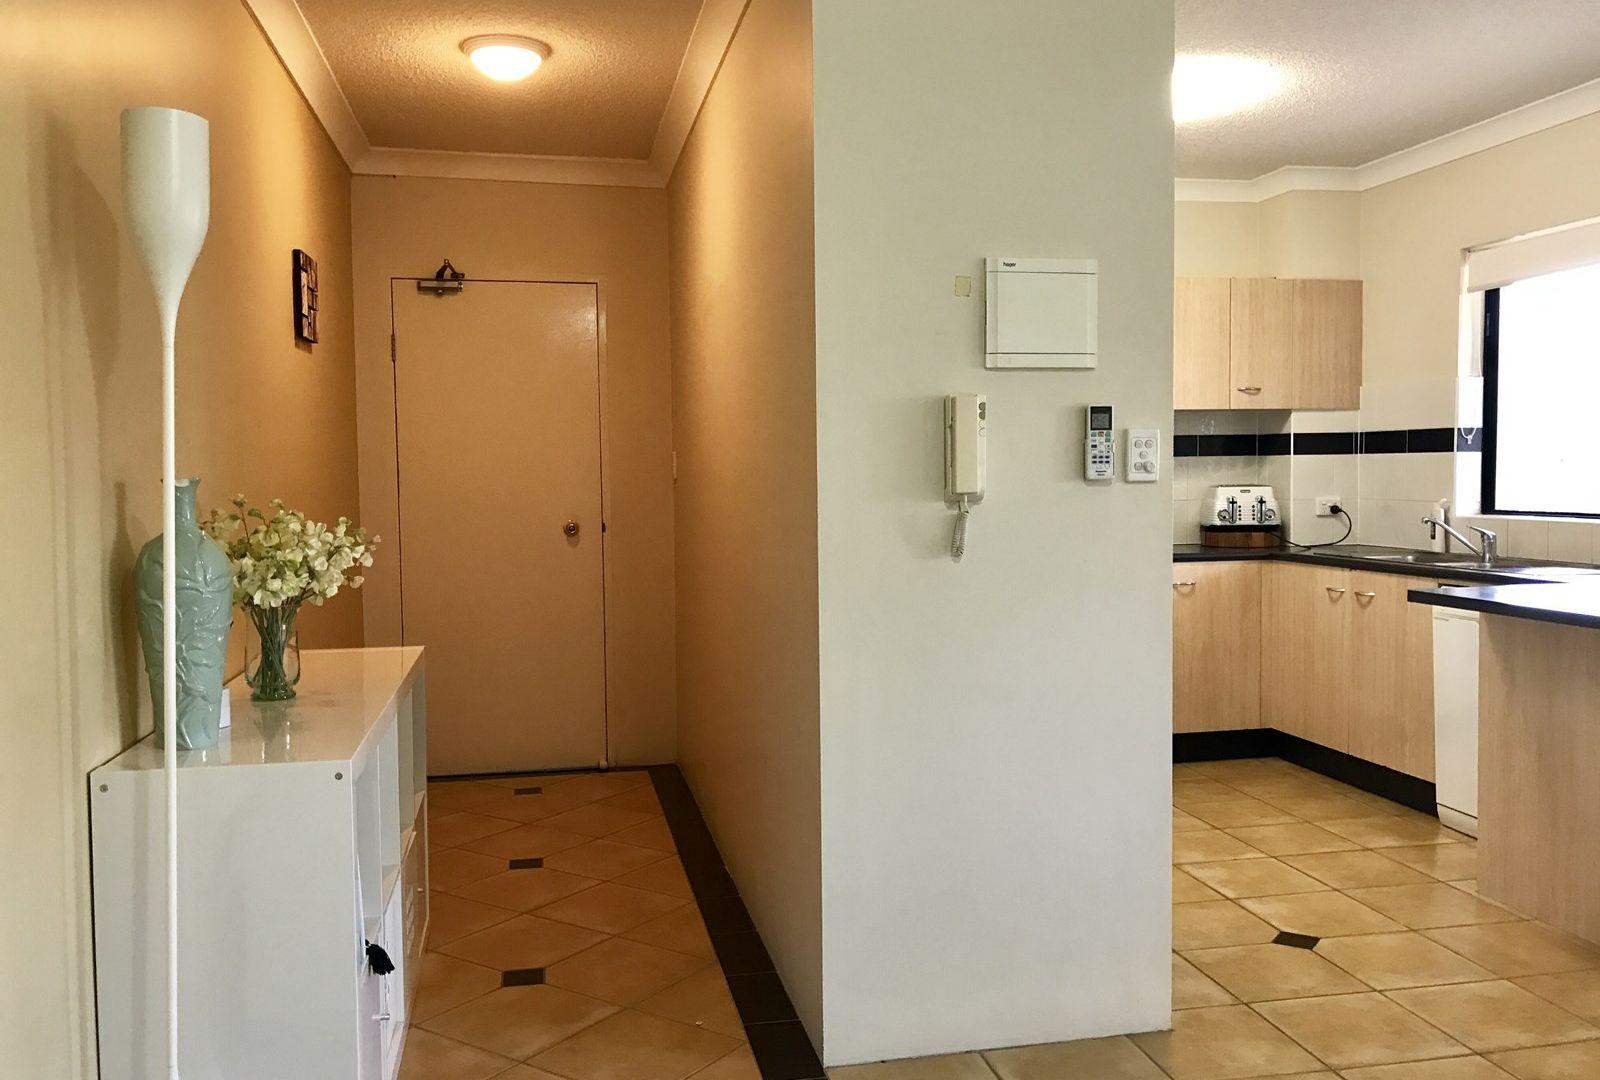 2/253 Melton Road, Northgate QLD 4013, Image 2